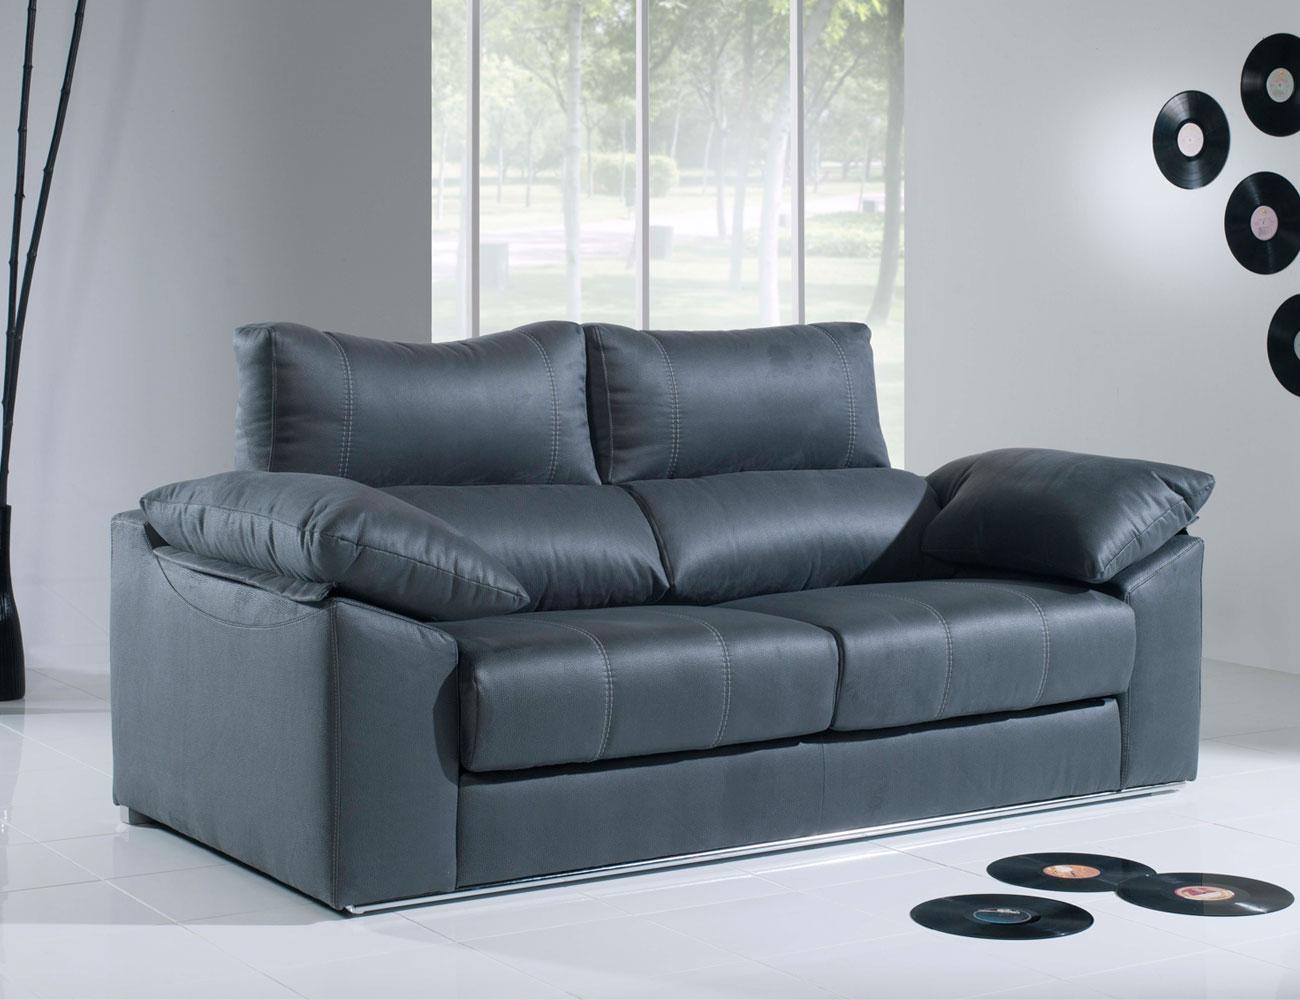 Sofa 3 plazas moderno con barra21